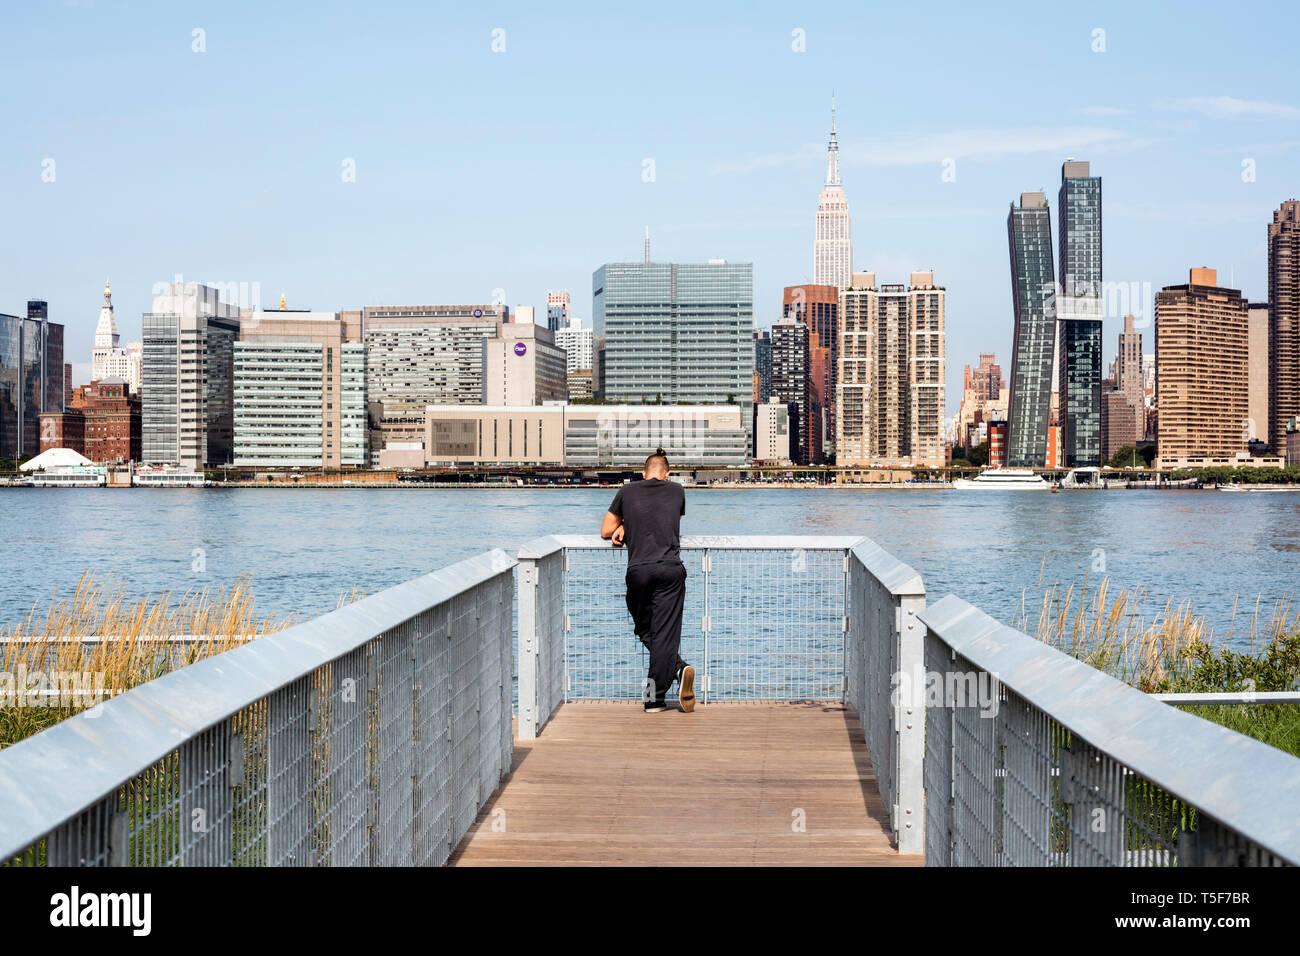 Visitatori su un ponte al di sopra di zone umide, affacciato sulla East River e Midtown Manhattan. Cacciatori South Park, New York, Stati Uniti. Architetto: Immagini Stock